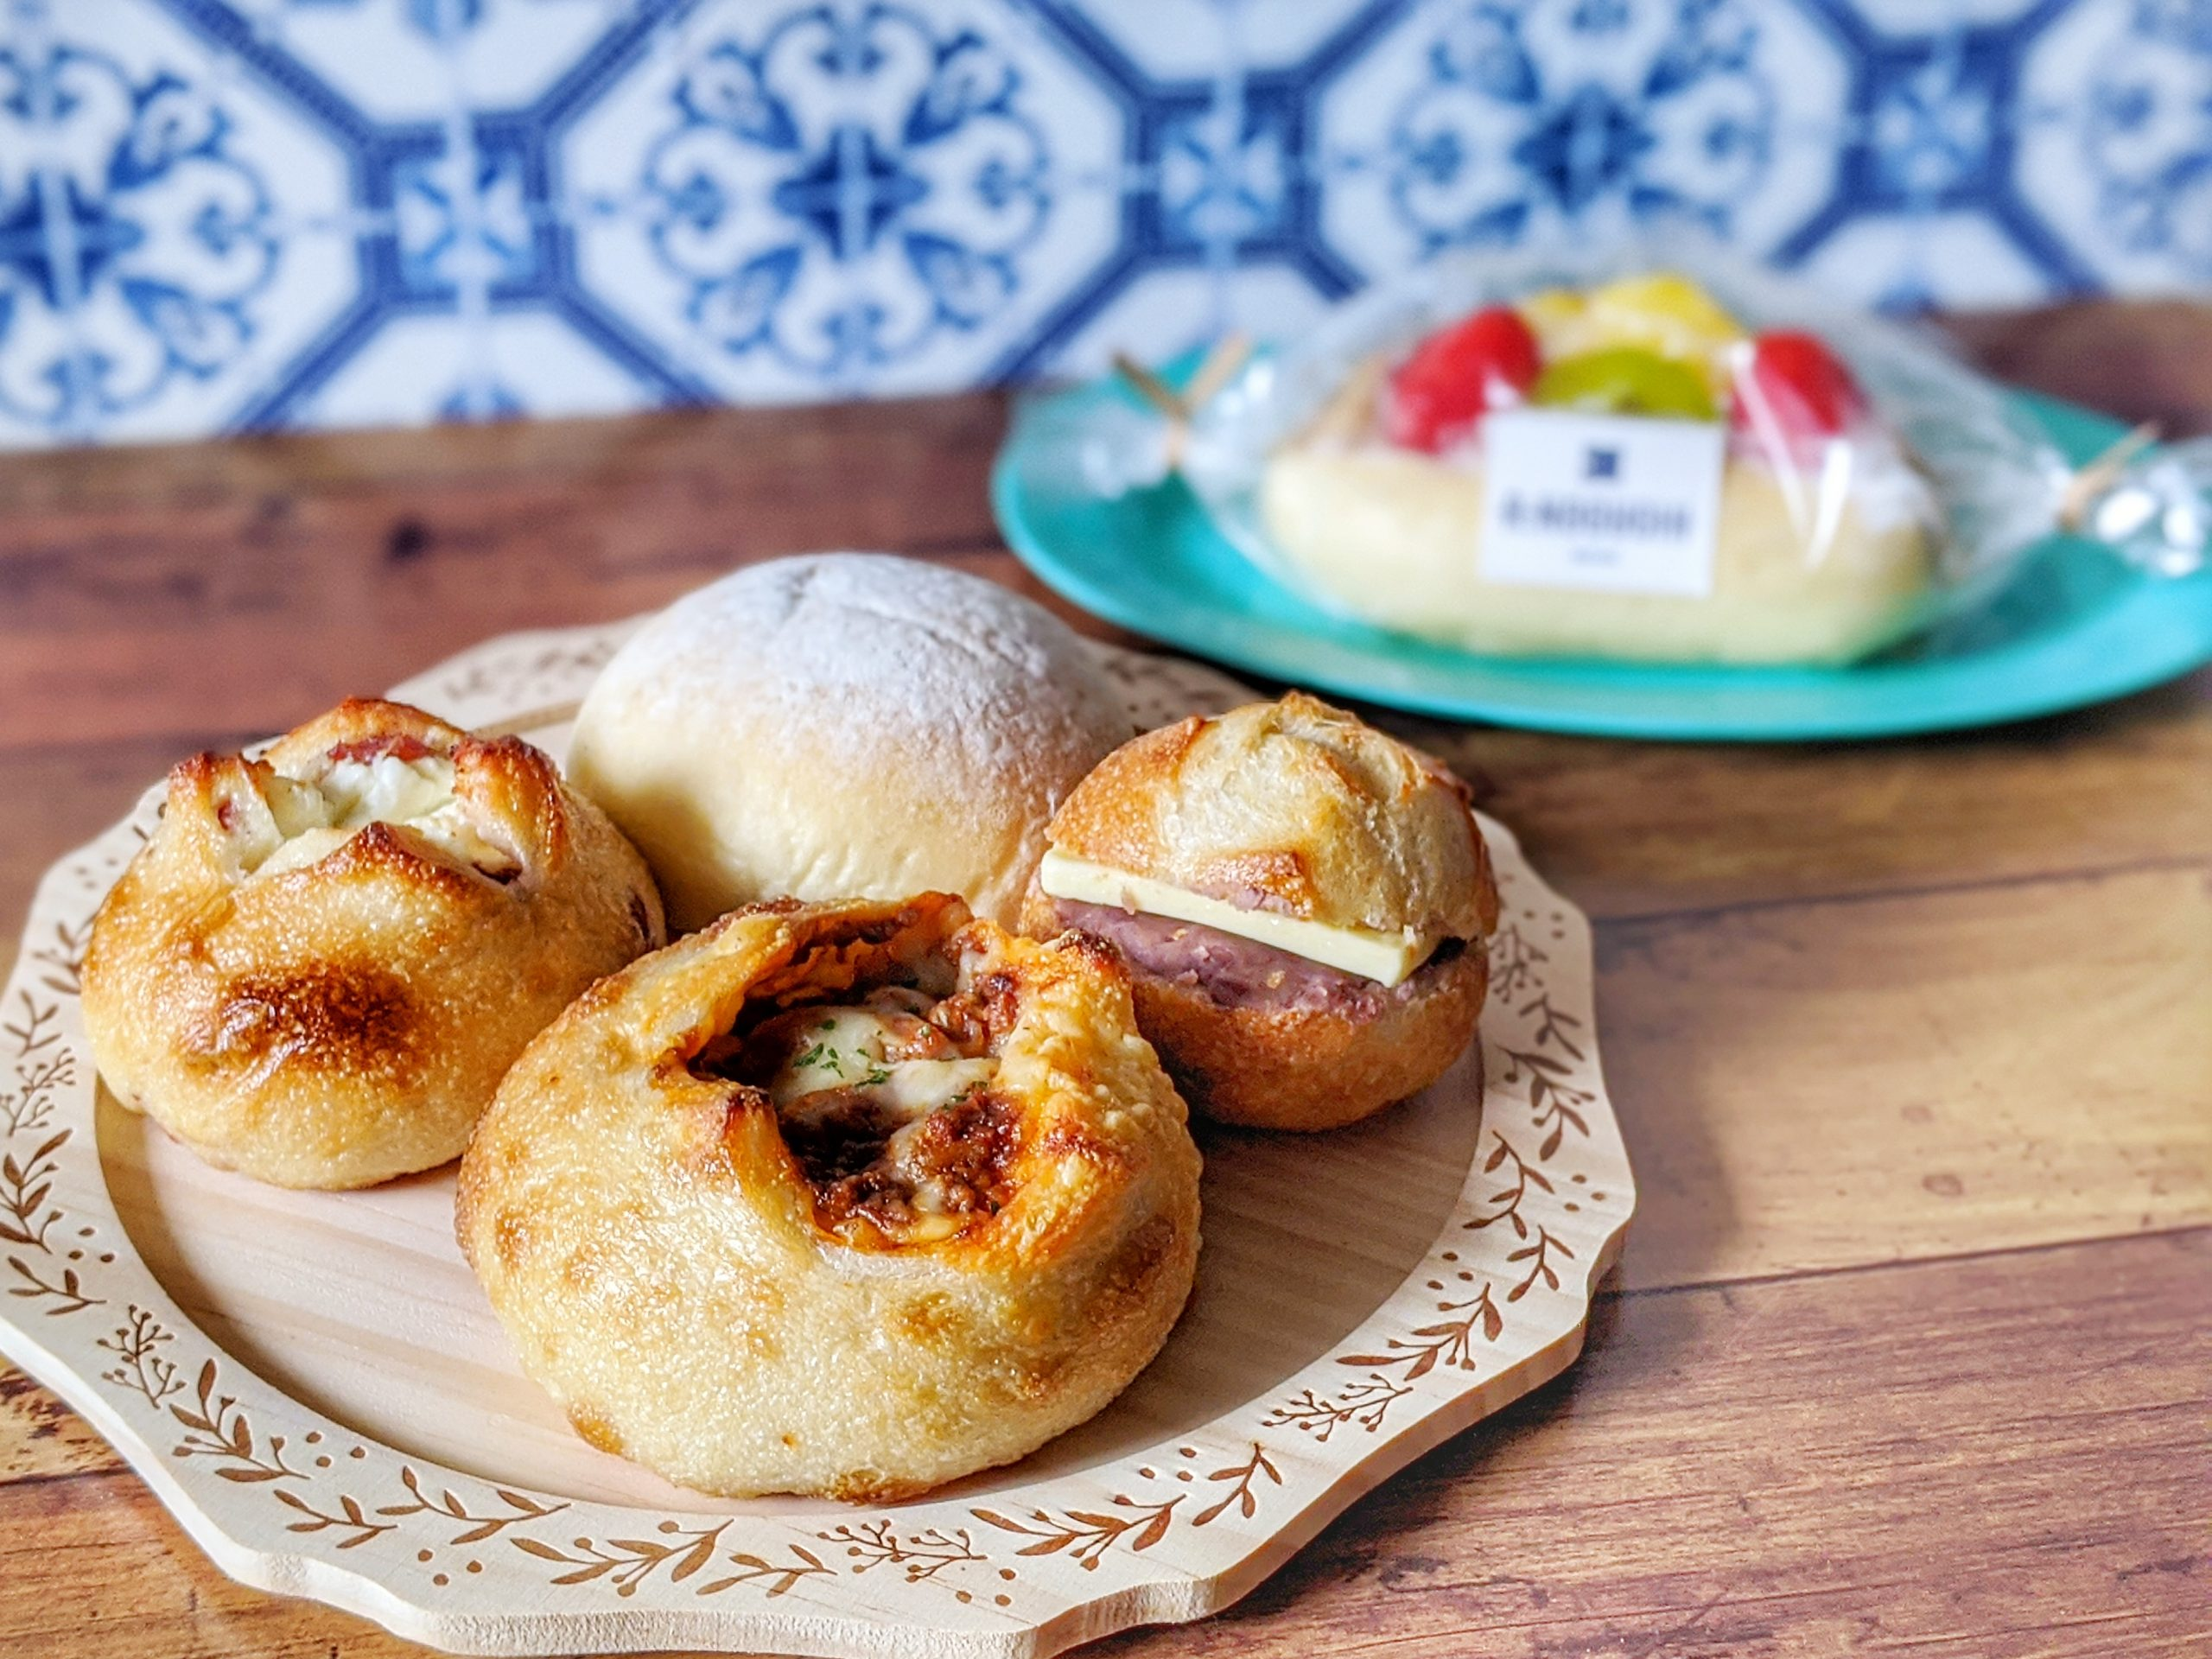 【和泉】しっとりもちもち新食感のフランスパンに舌鼓!『R.NOGUCHI』